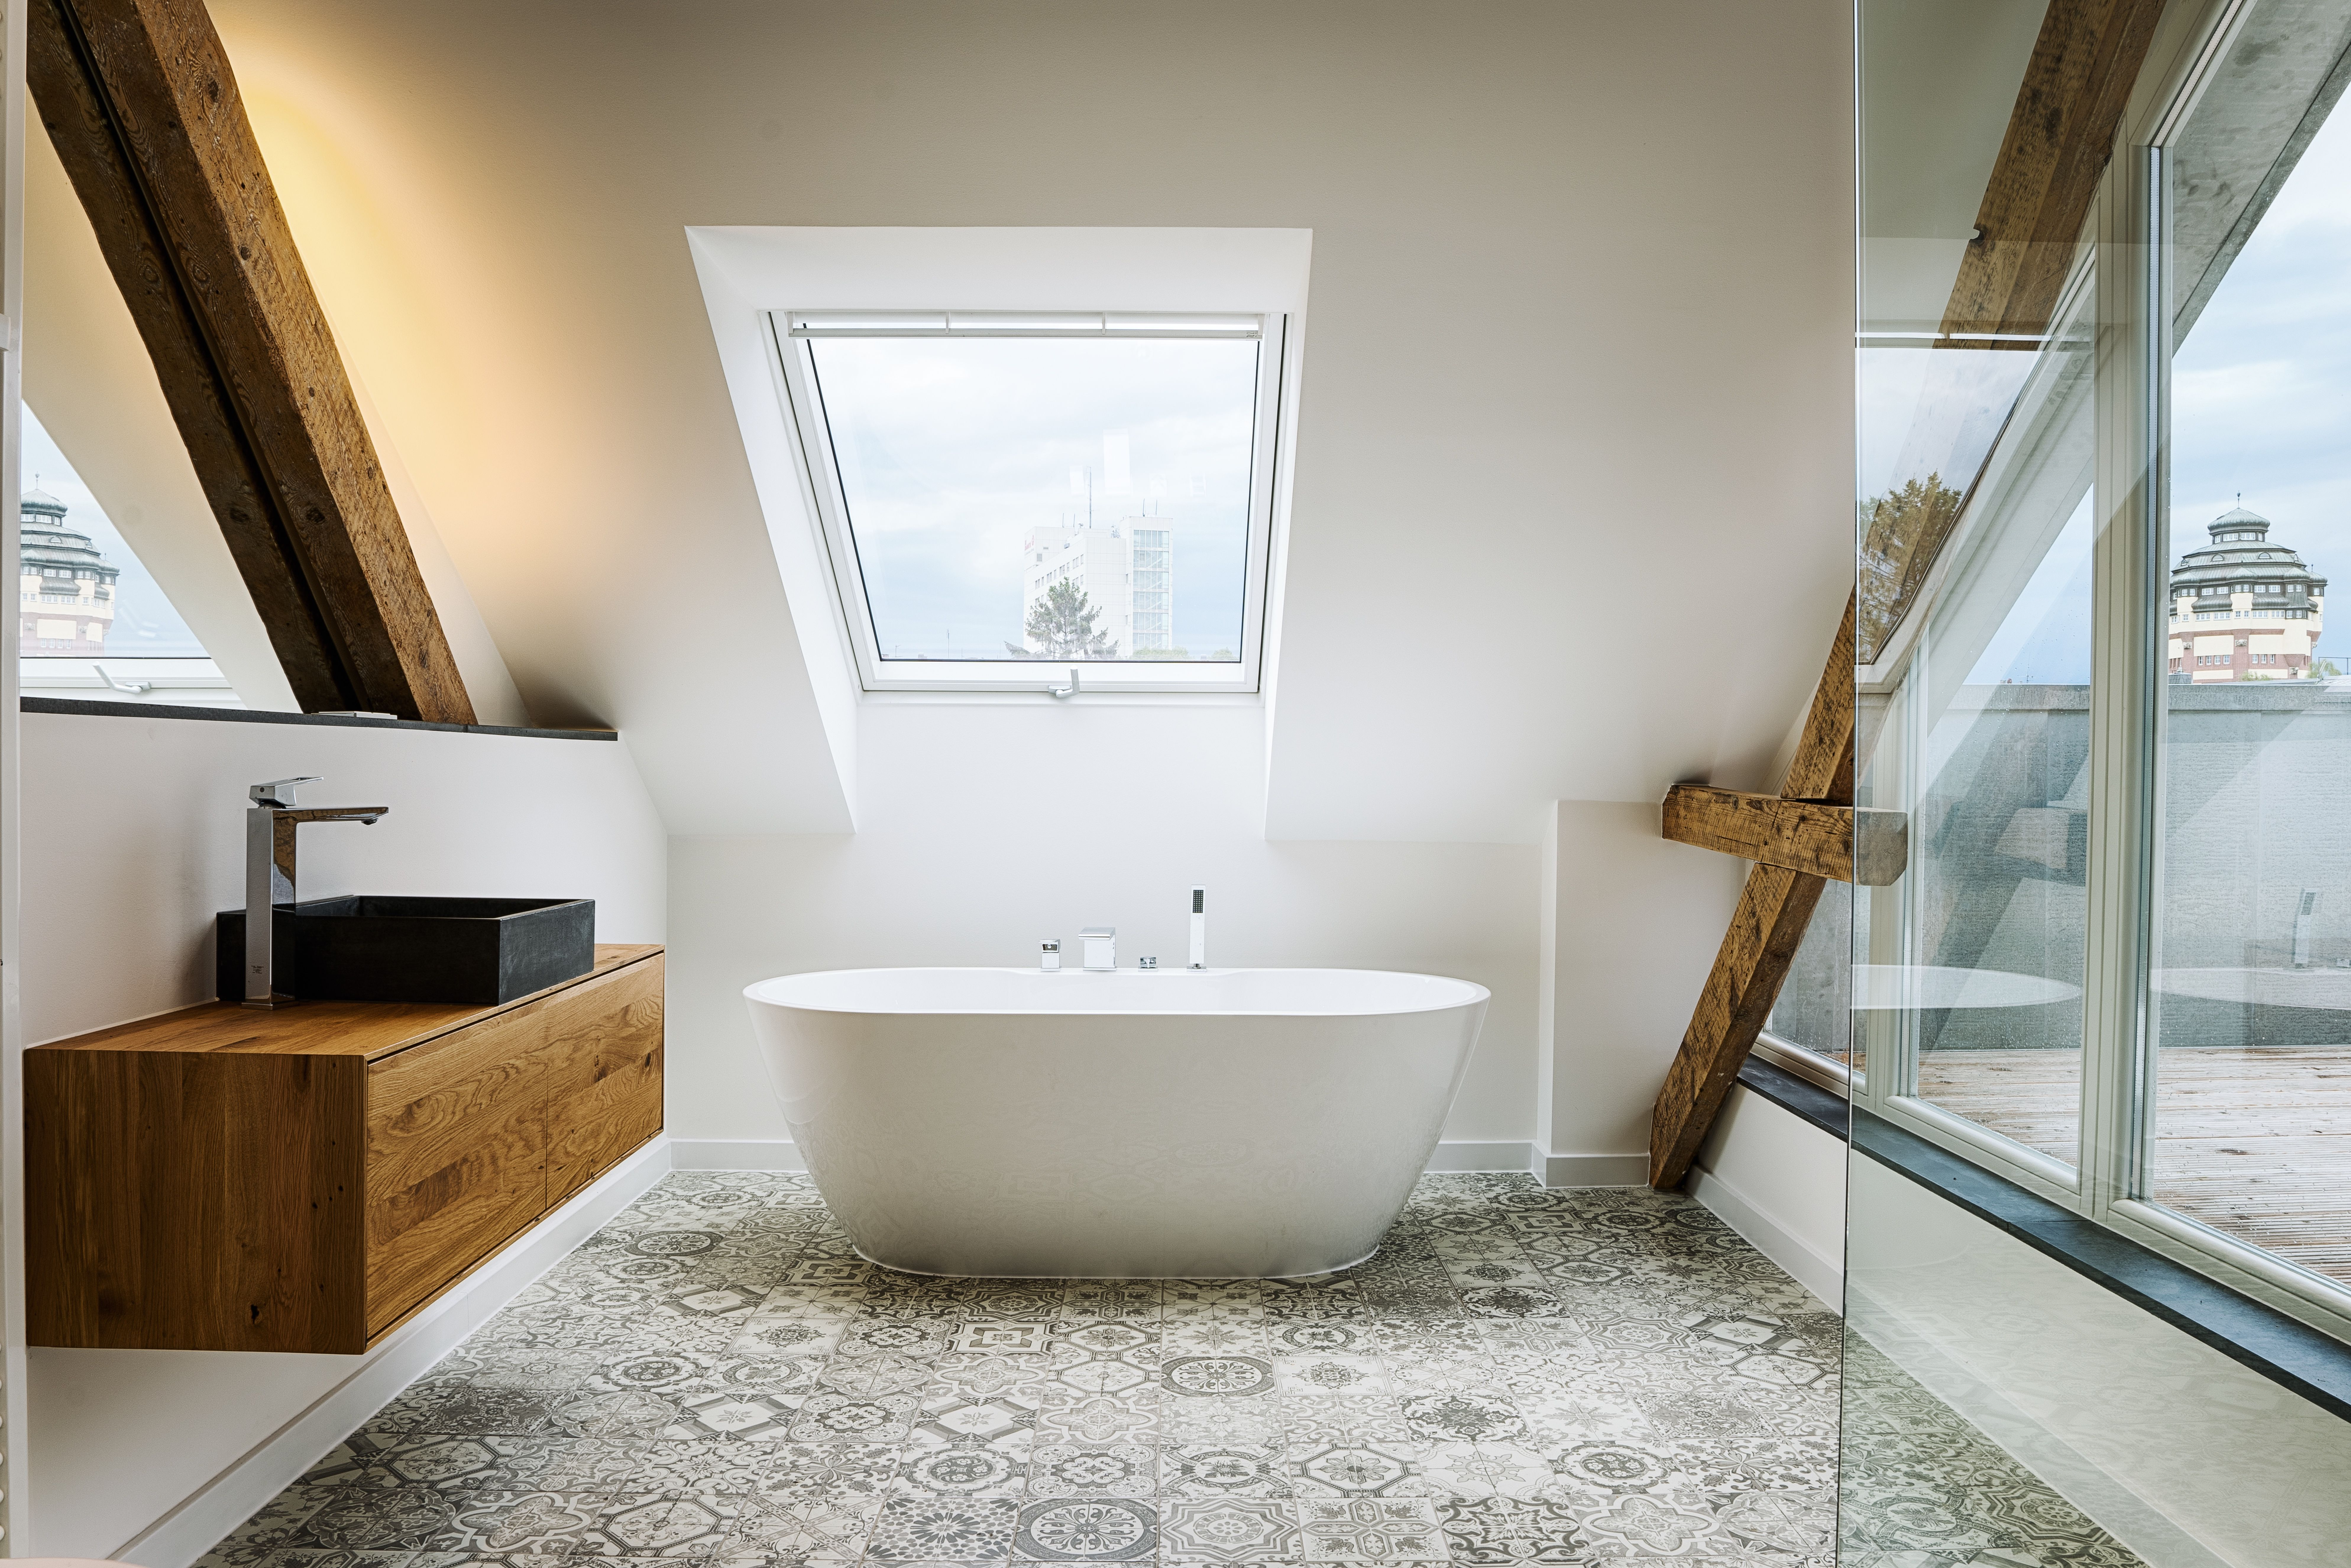 Modernes Badezimmer Mit Altbau Elementen Badezimmer Dekor Kleines Bad Dekorieren Kleines Bad Renovierungen